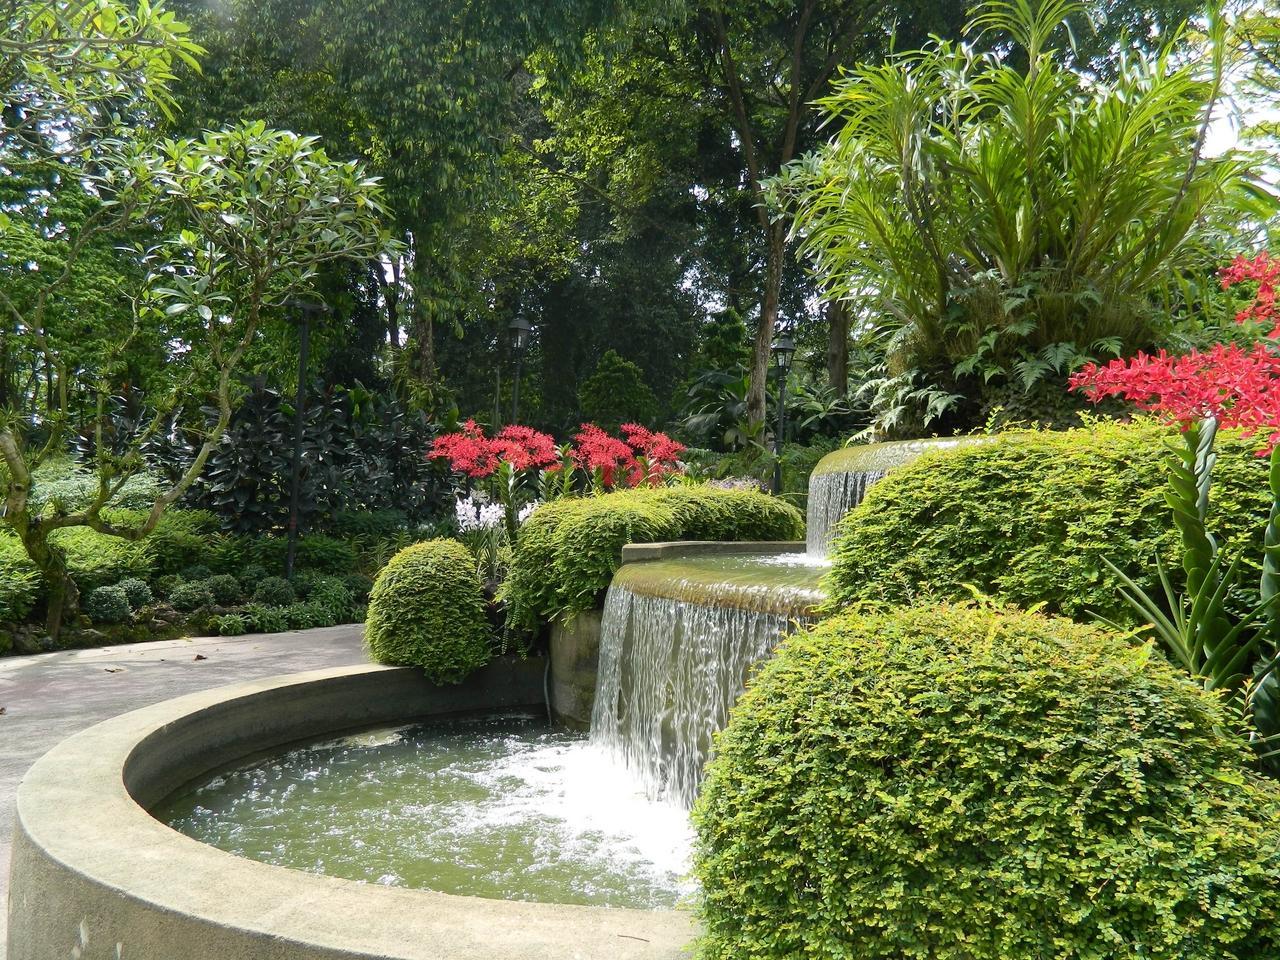 интерьере квартиры фото тенелюбивых садов сингапура здоровья